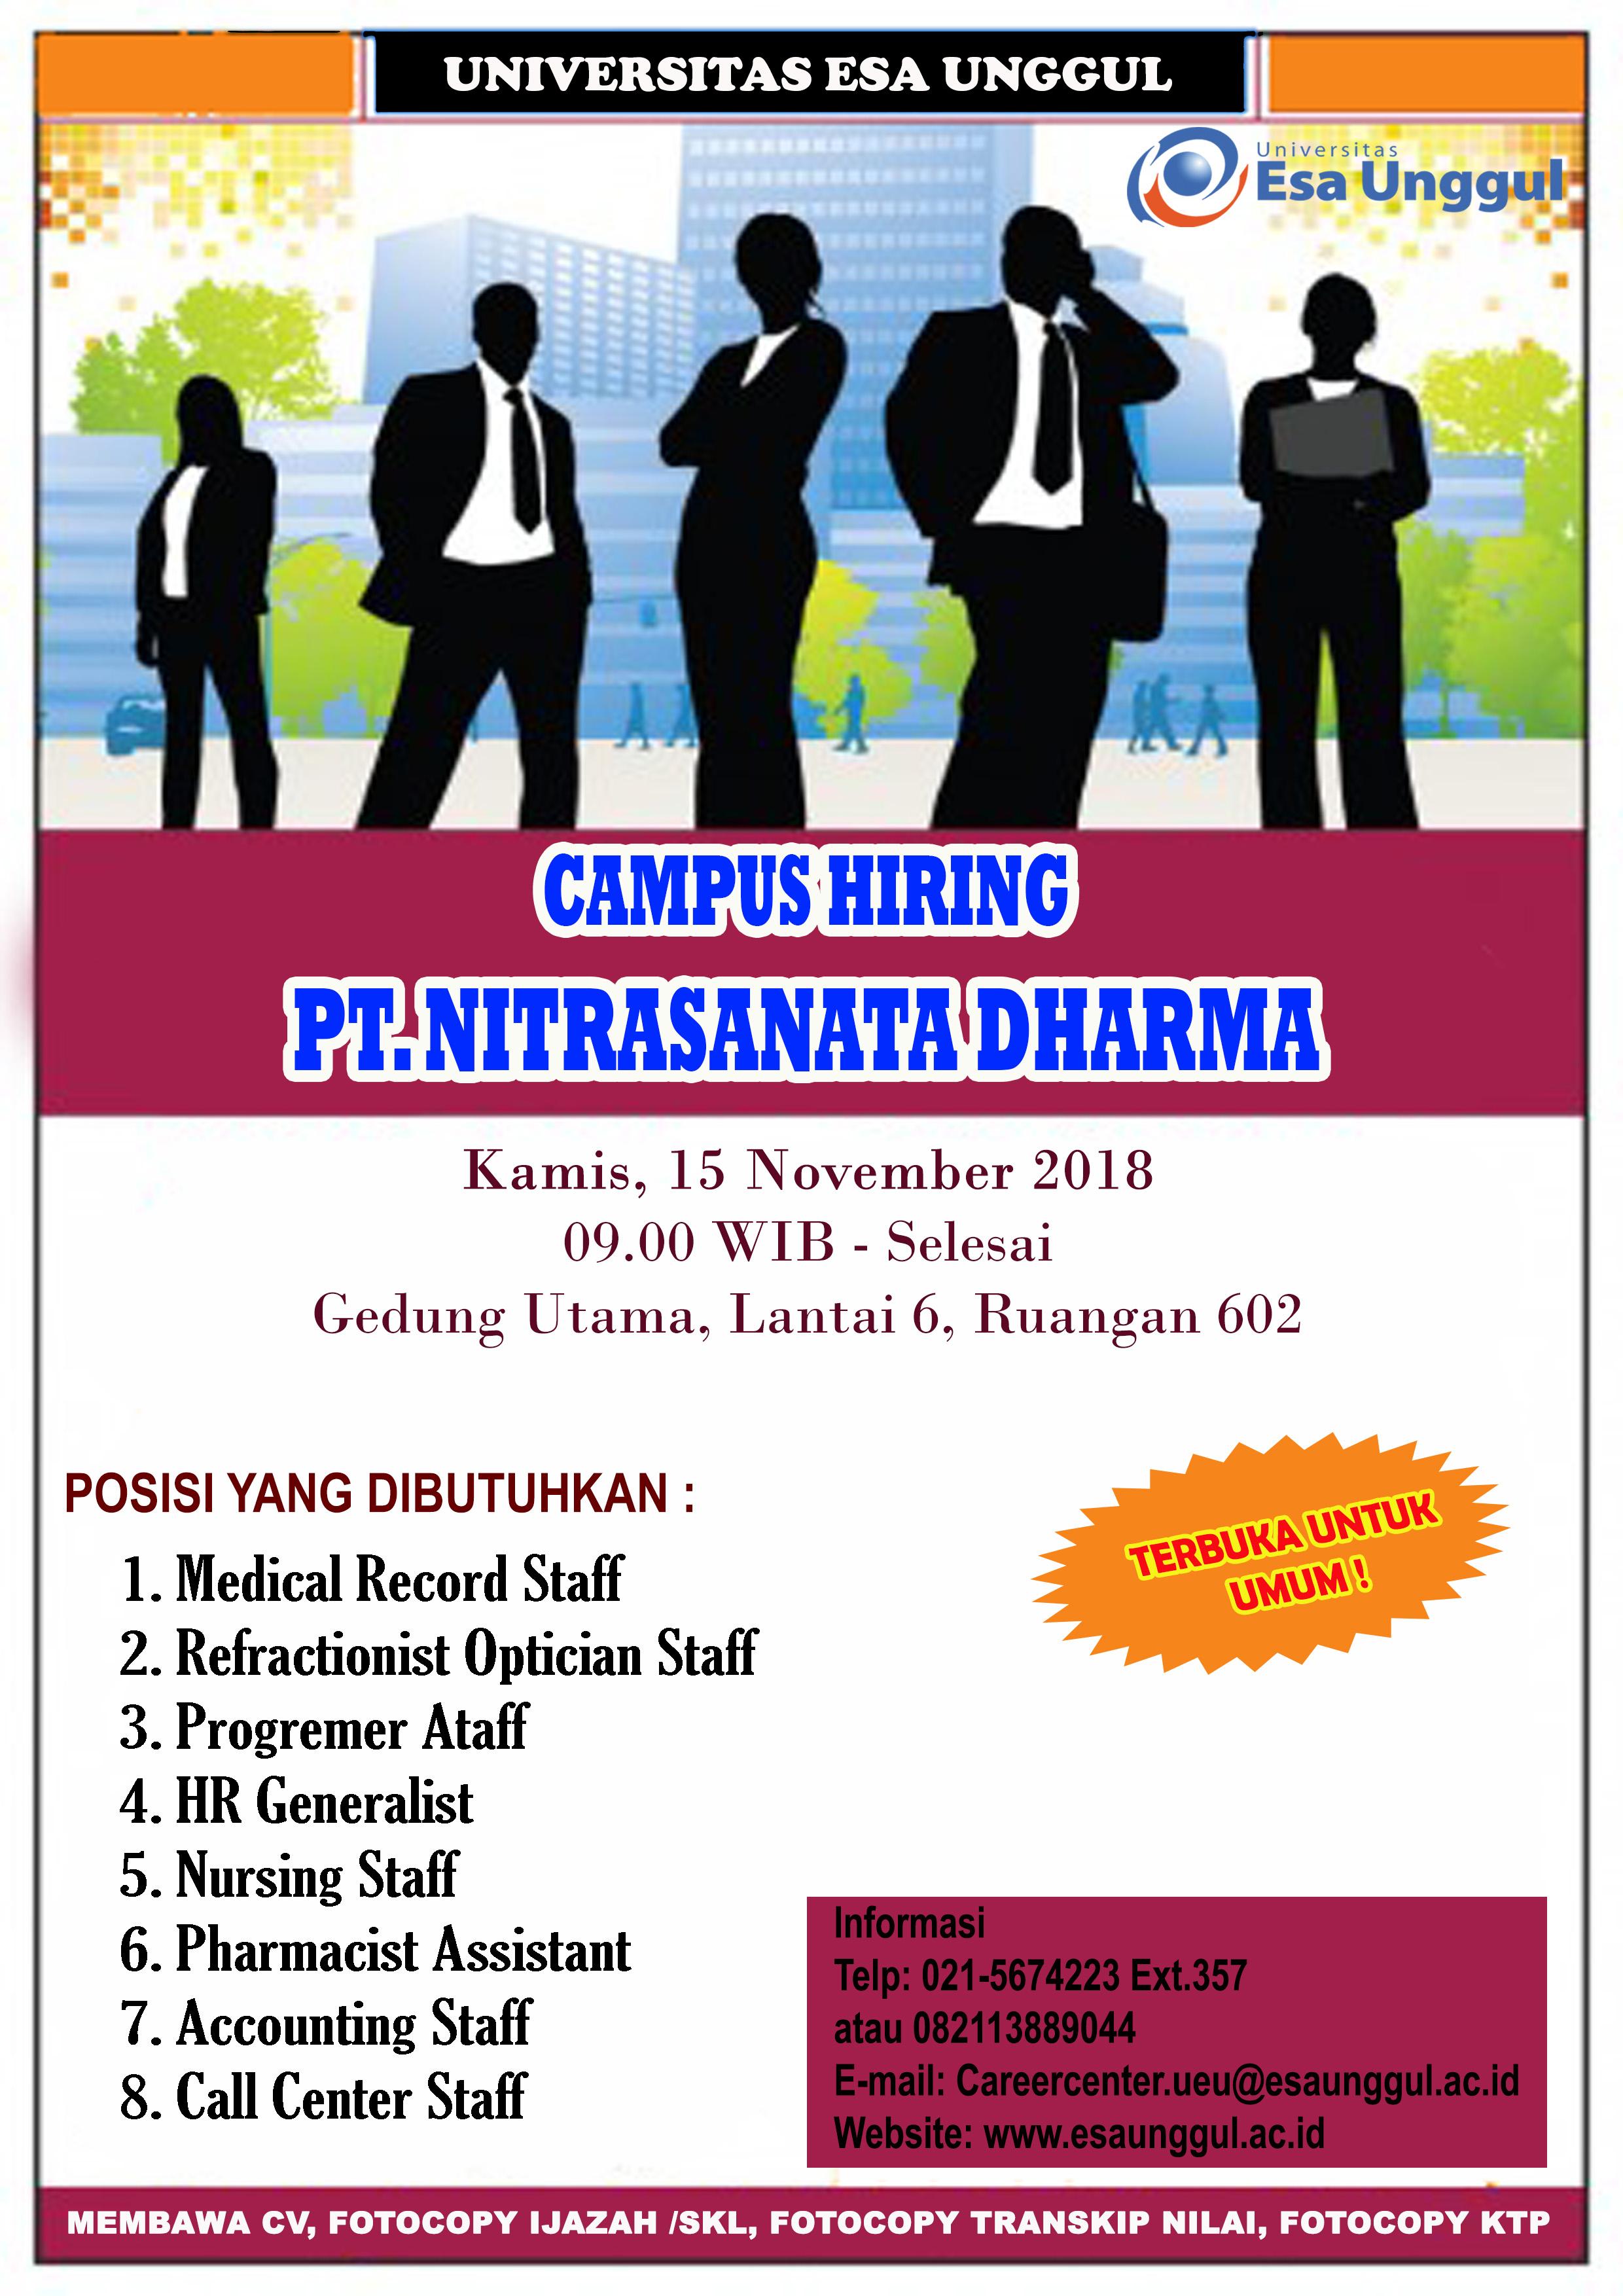 Campus Hiring PT. Nitrasanata Dharma